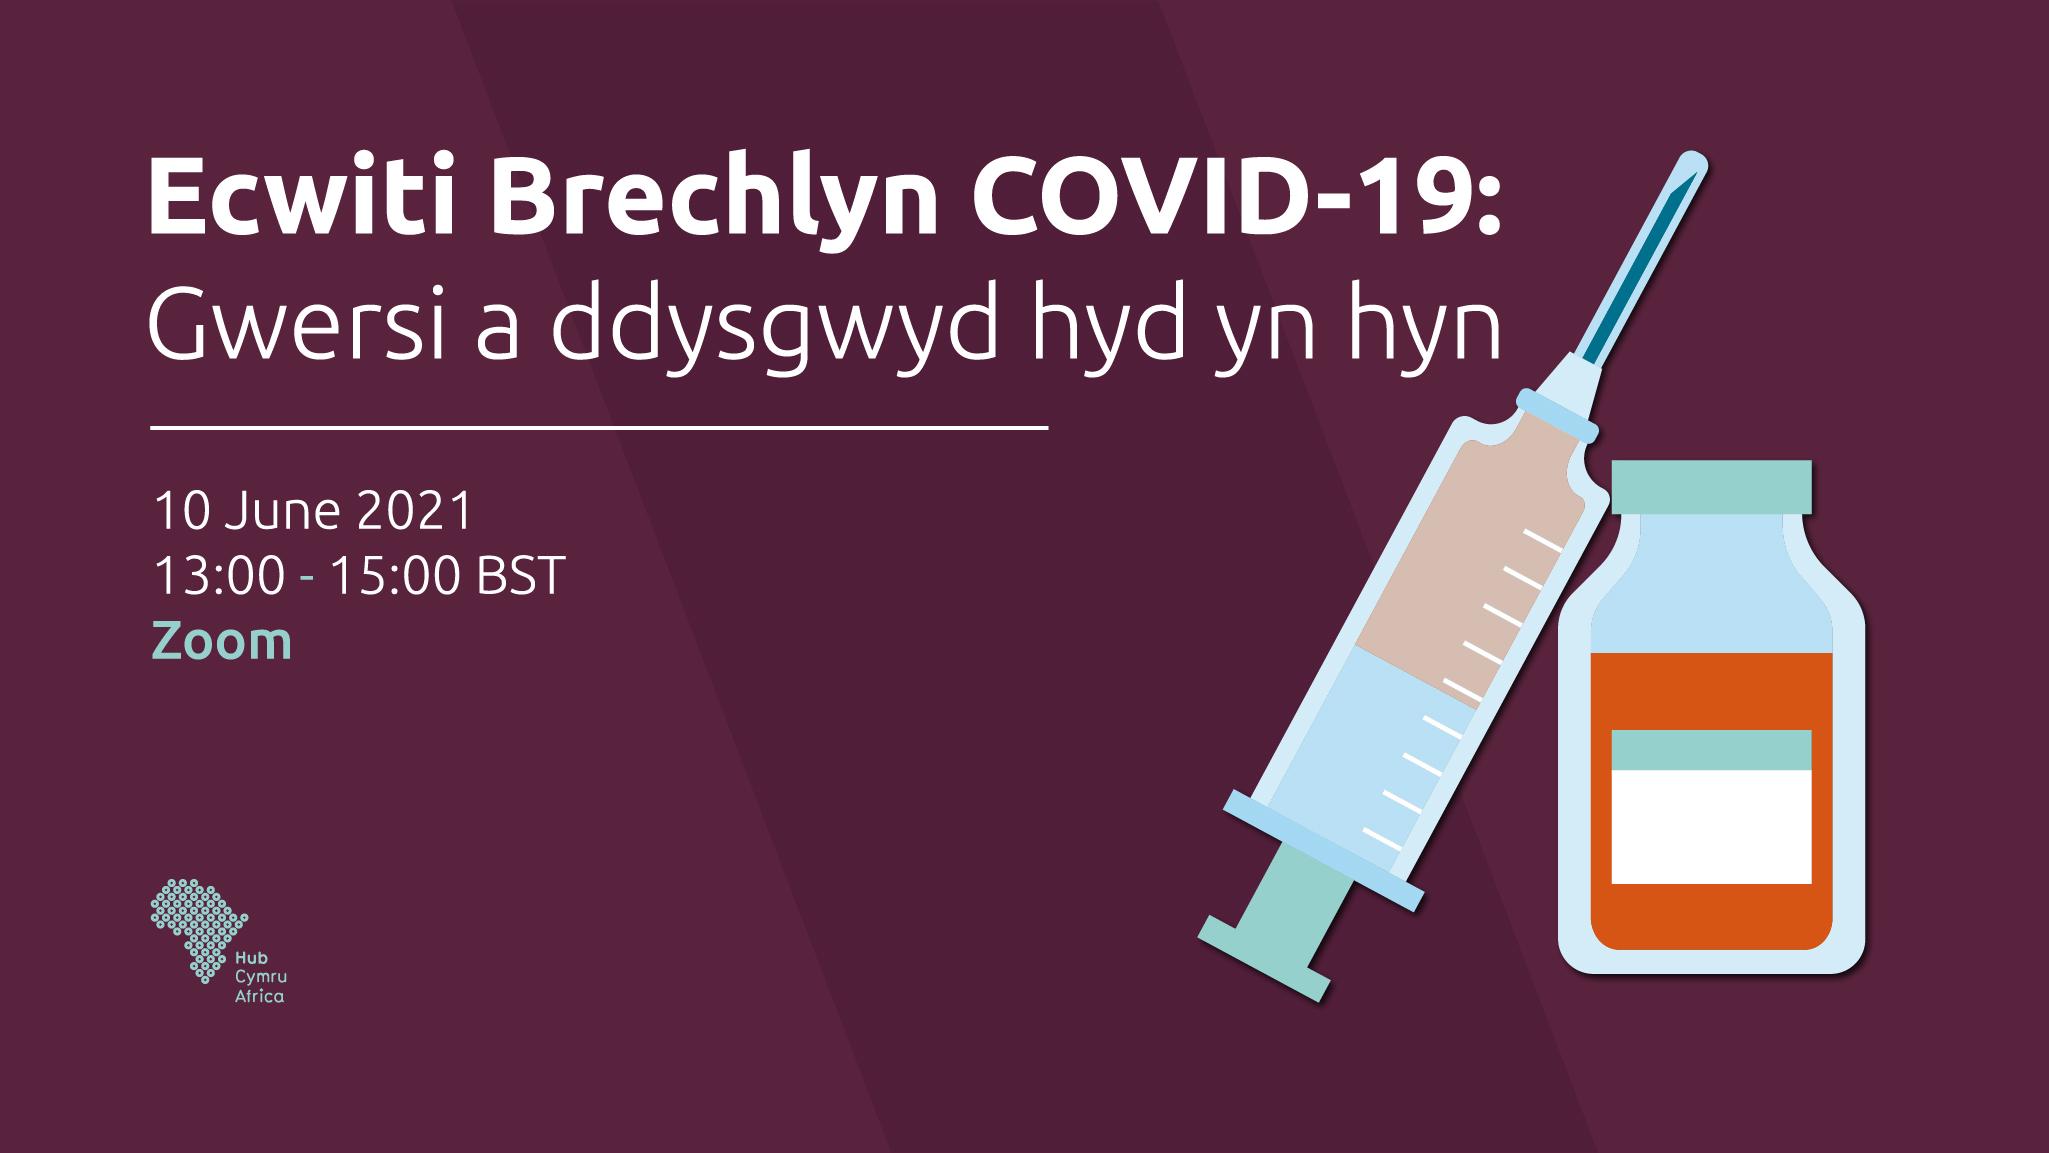 Ecwiti Brechlyn COVID-19: Gwersi a ddysgwyd hyd yn hyn